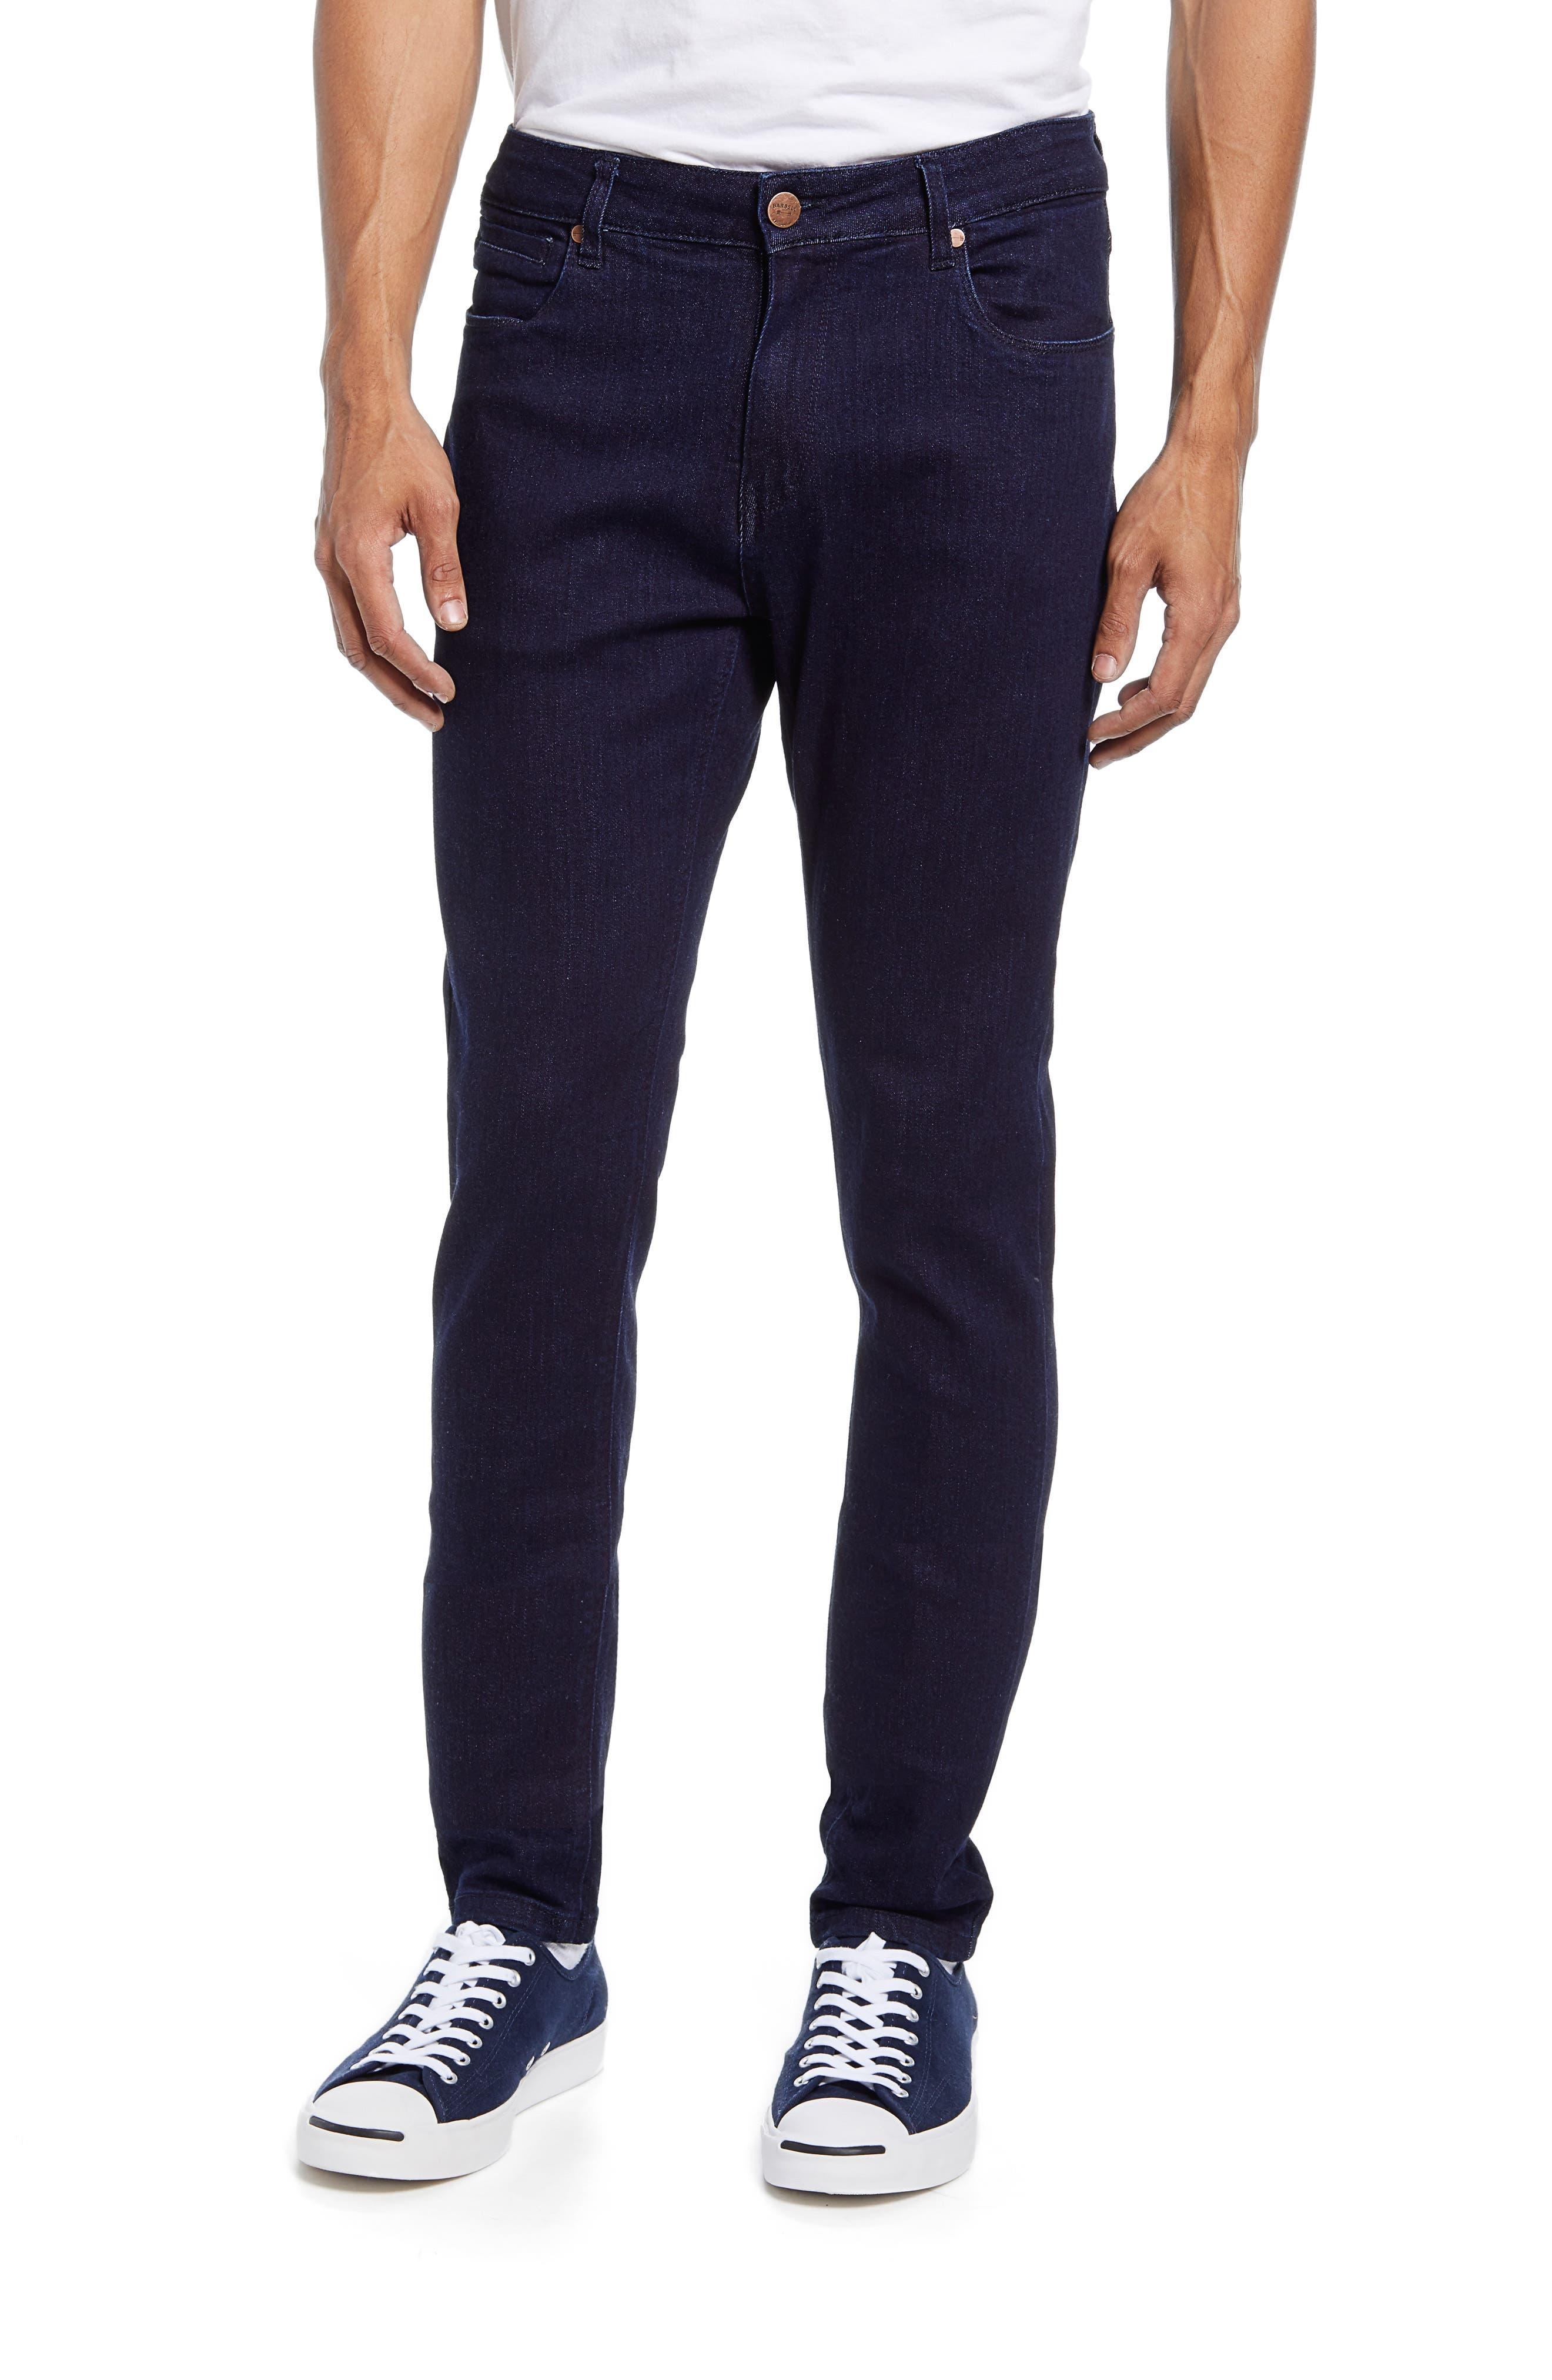 Men's Slim Athletic Fit Jeans